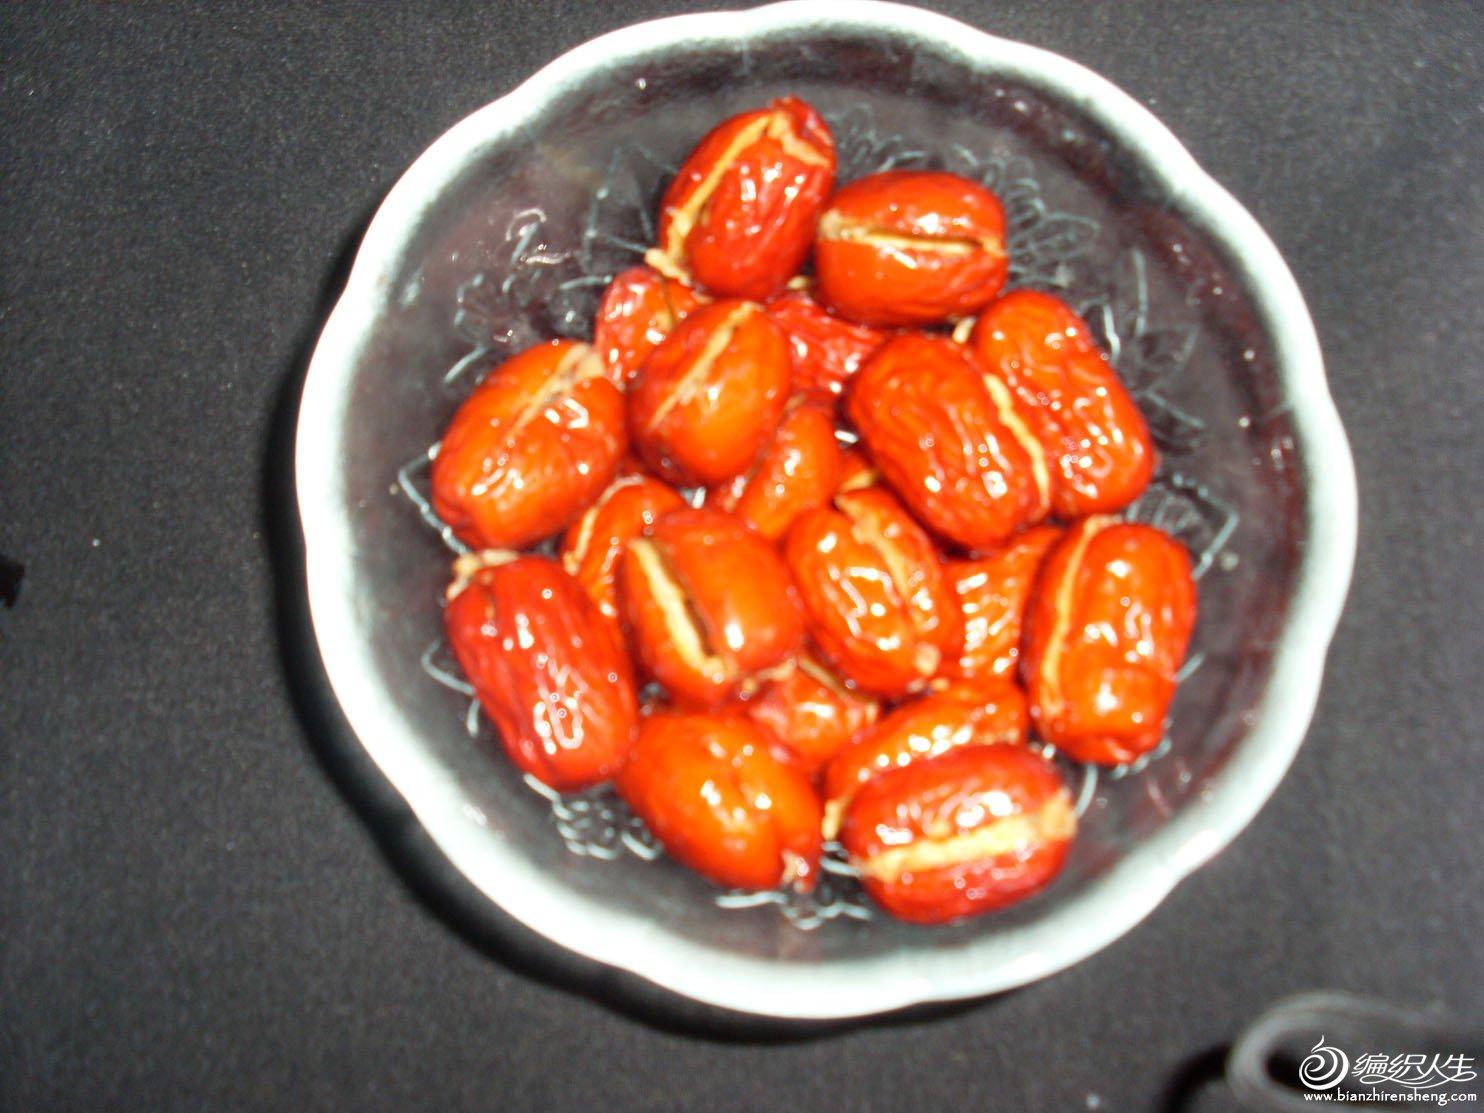 1.红枣洗净放入冷水中浸泡最少3小时或过夜(需放冰箱冷藏)。